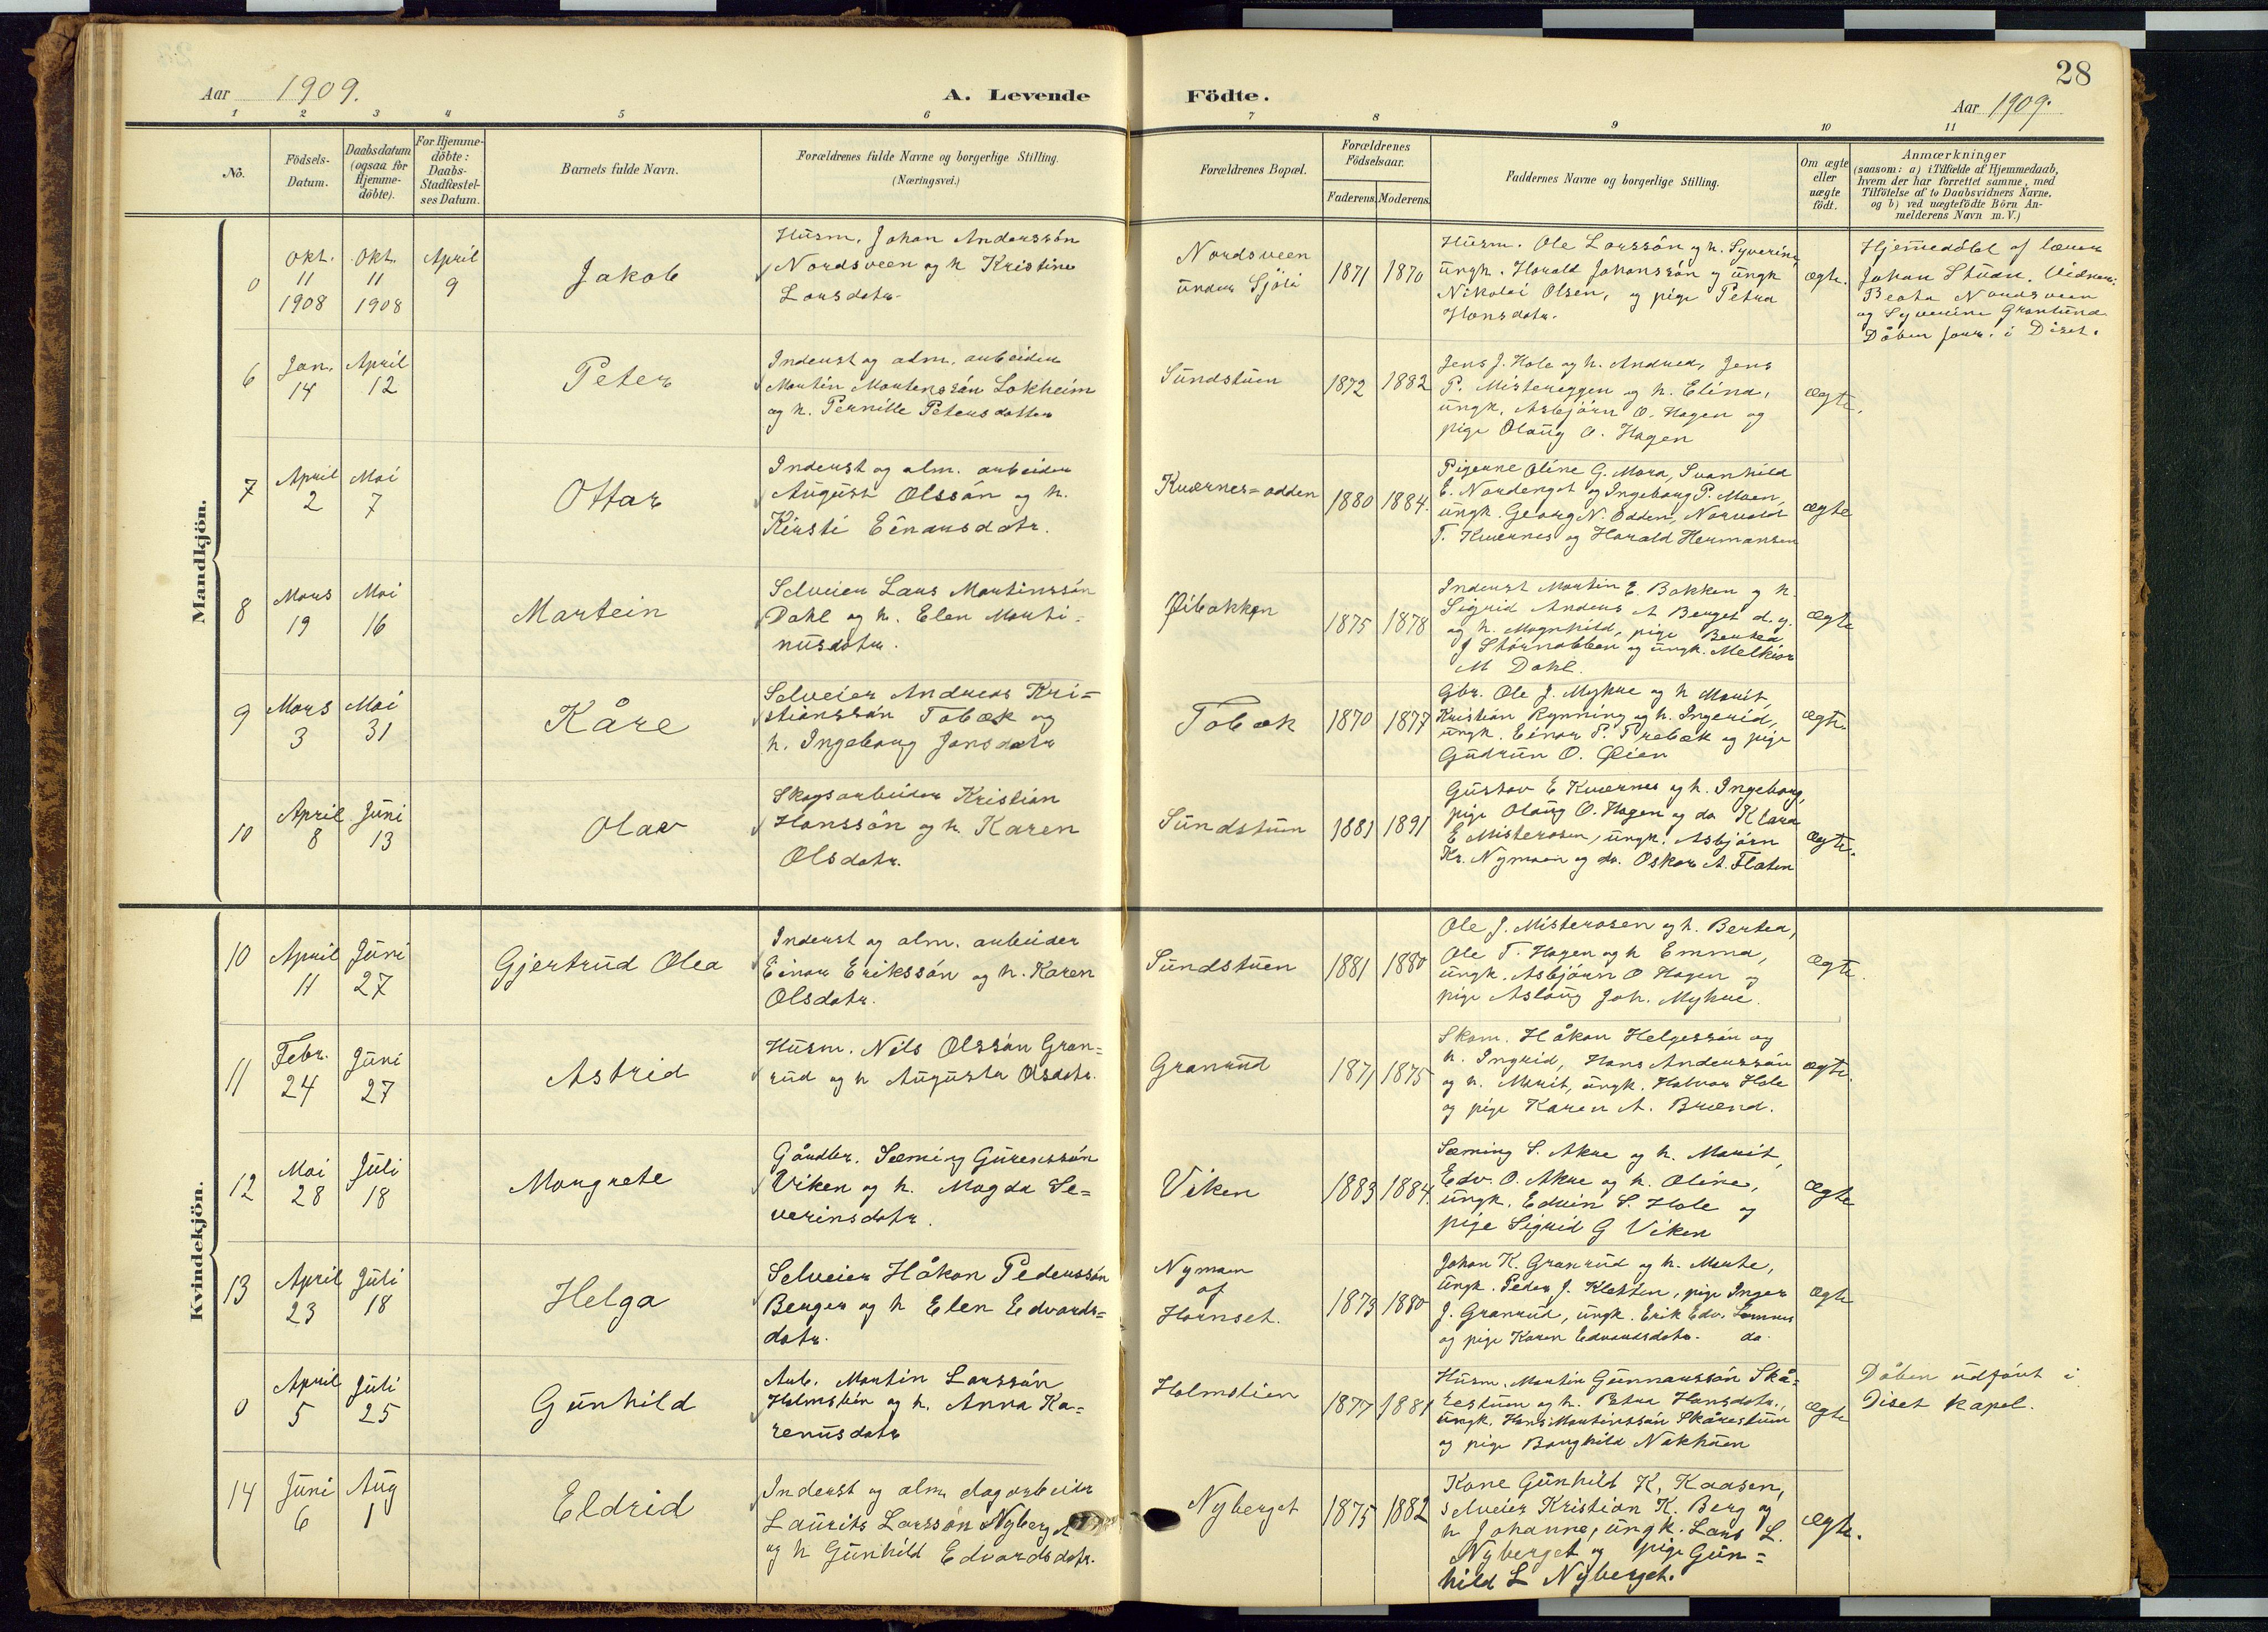 SAH, Rendalen prestekontor, H/Ha/Hab/L0010: Klokkerbok nr. 10, 1903-1940, s. 28